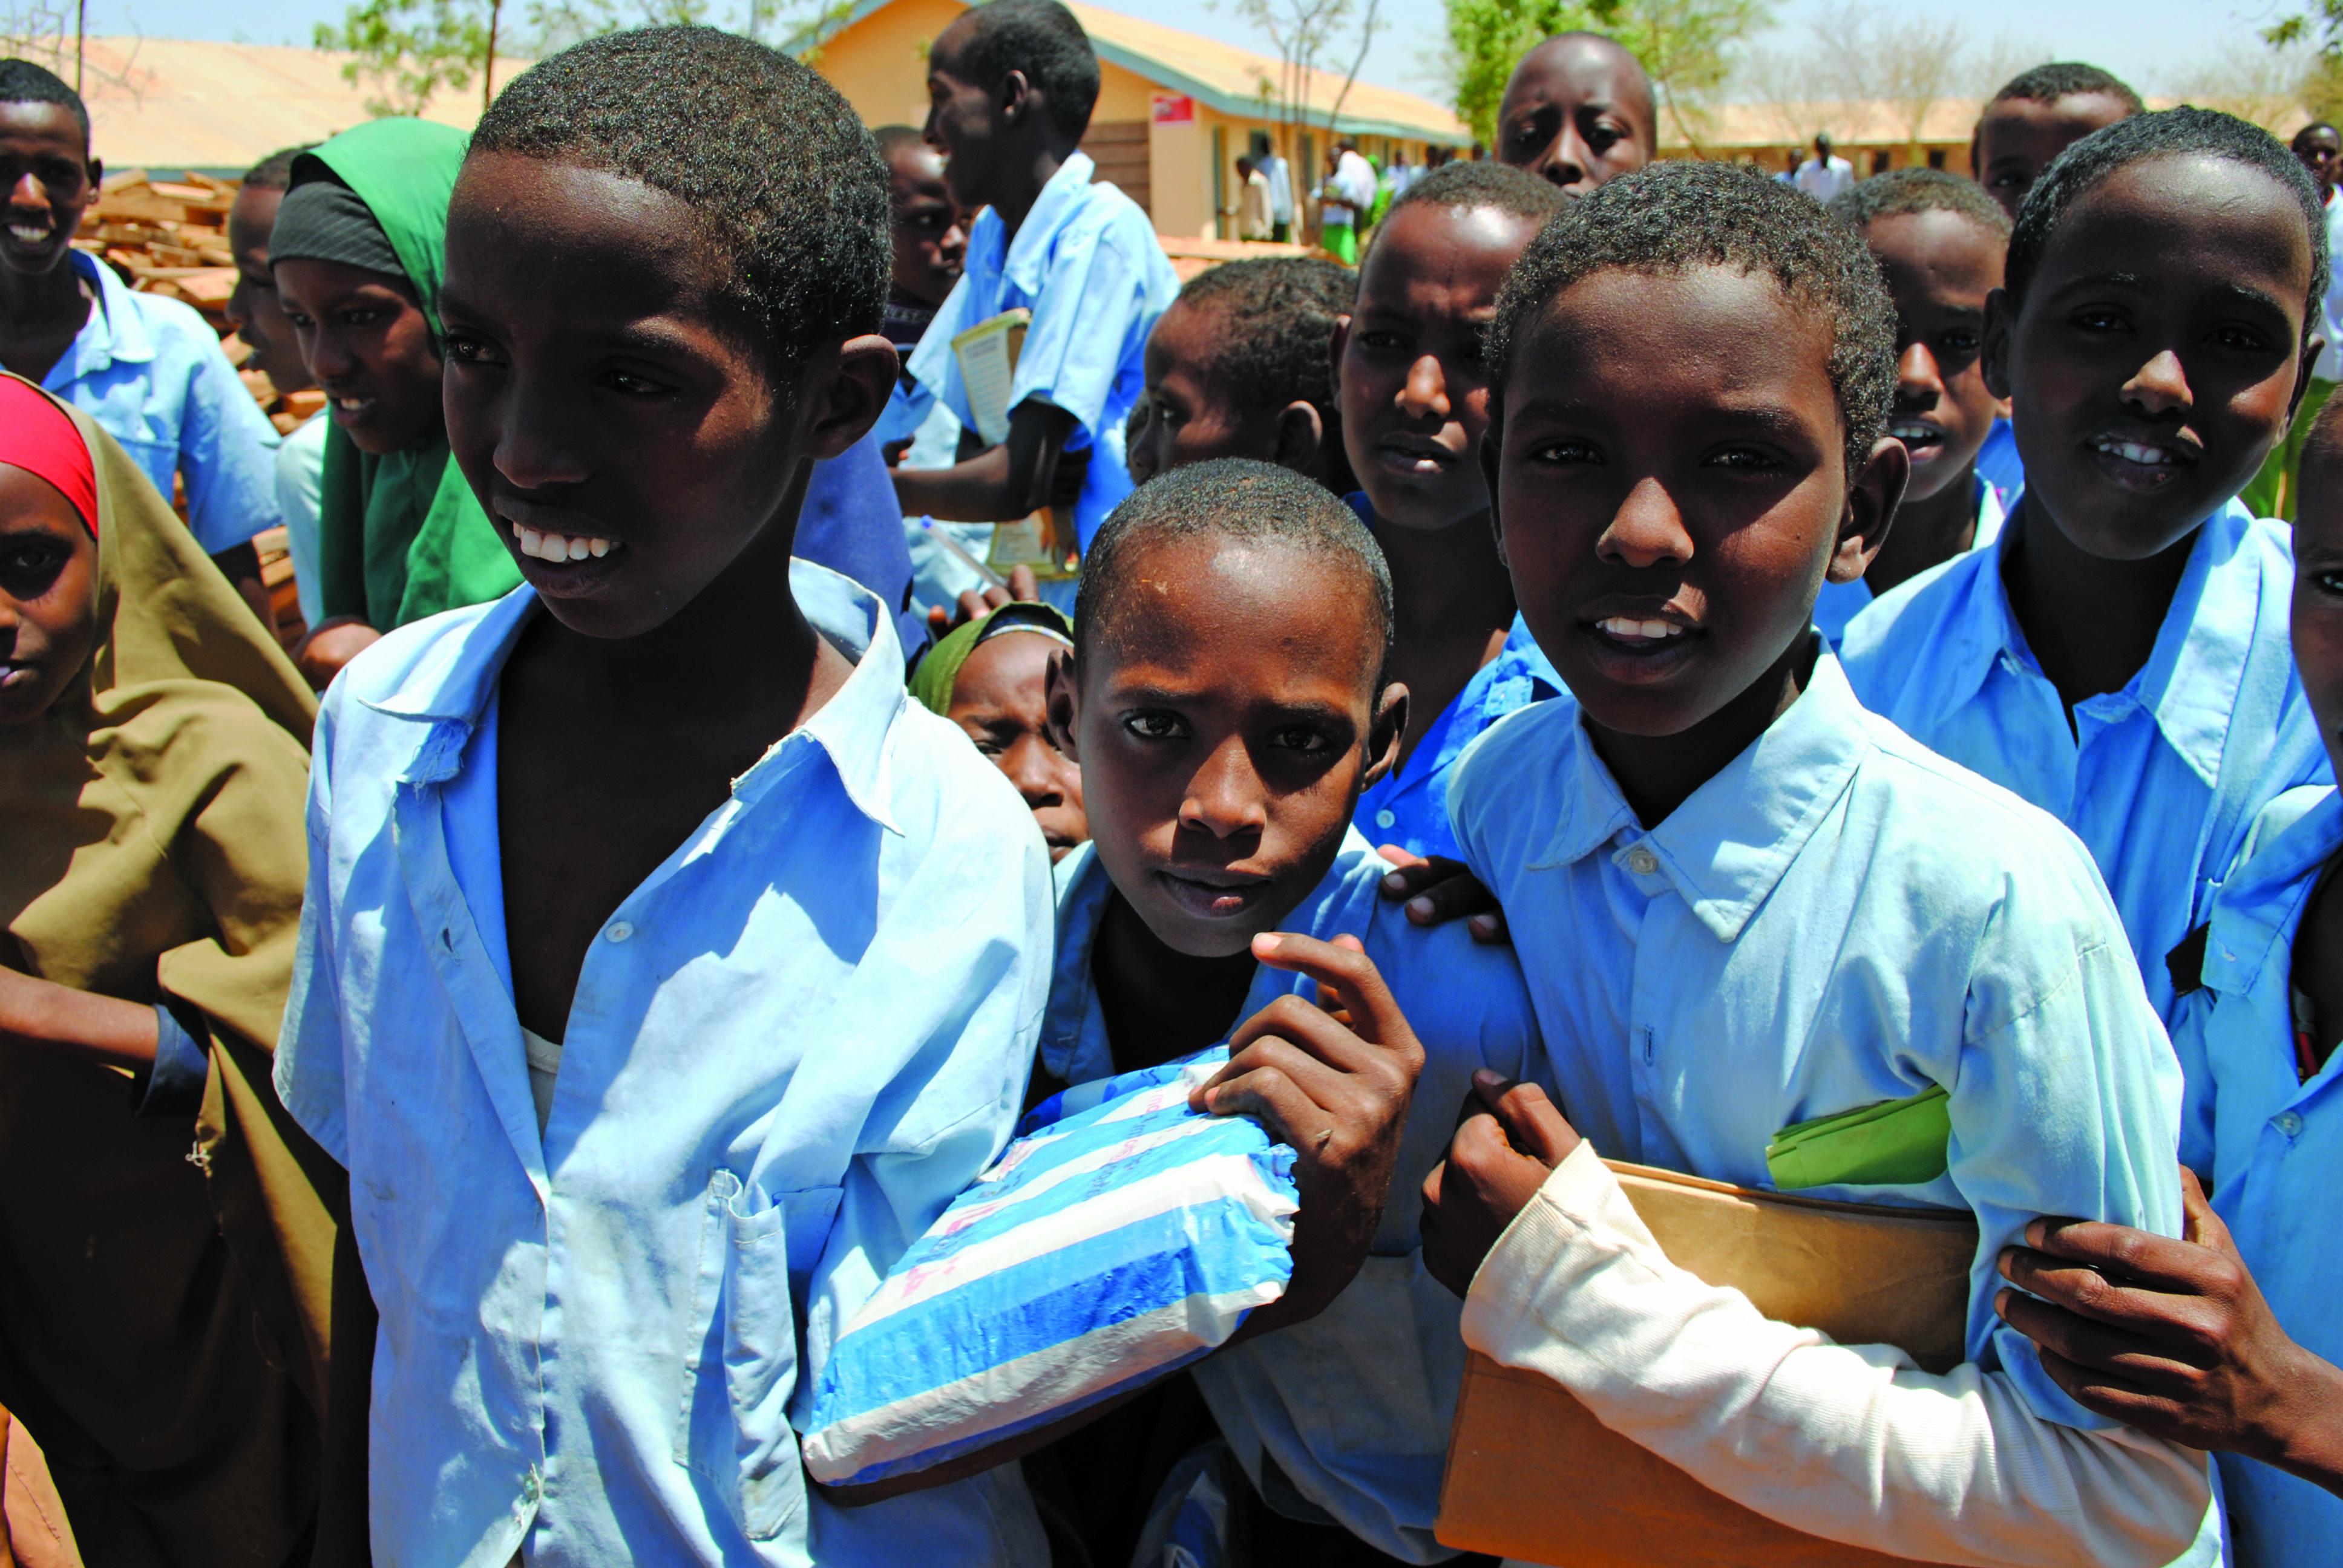 I volti dei bambini nel campo profughi di Dadaab Kenya dove il 61